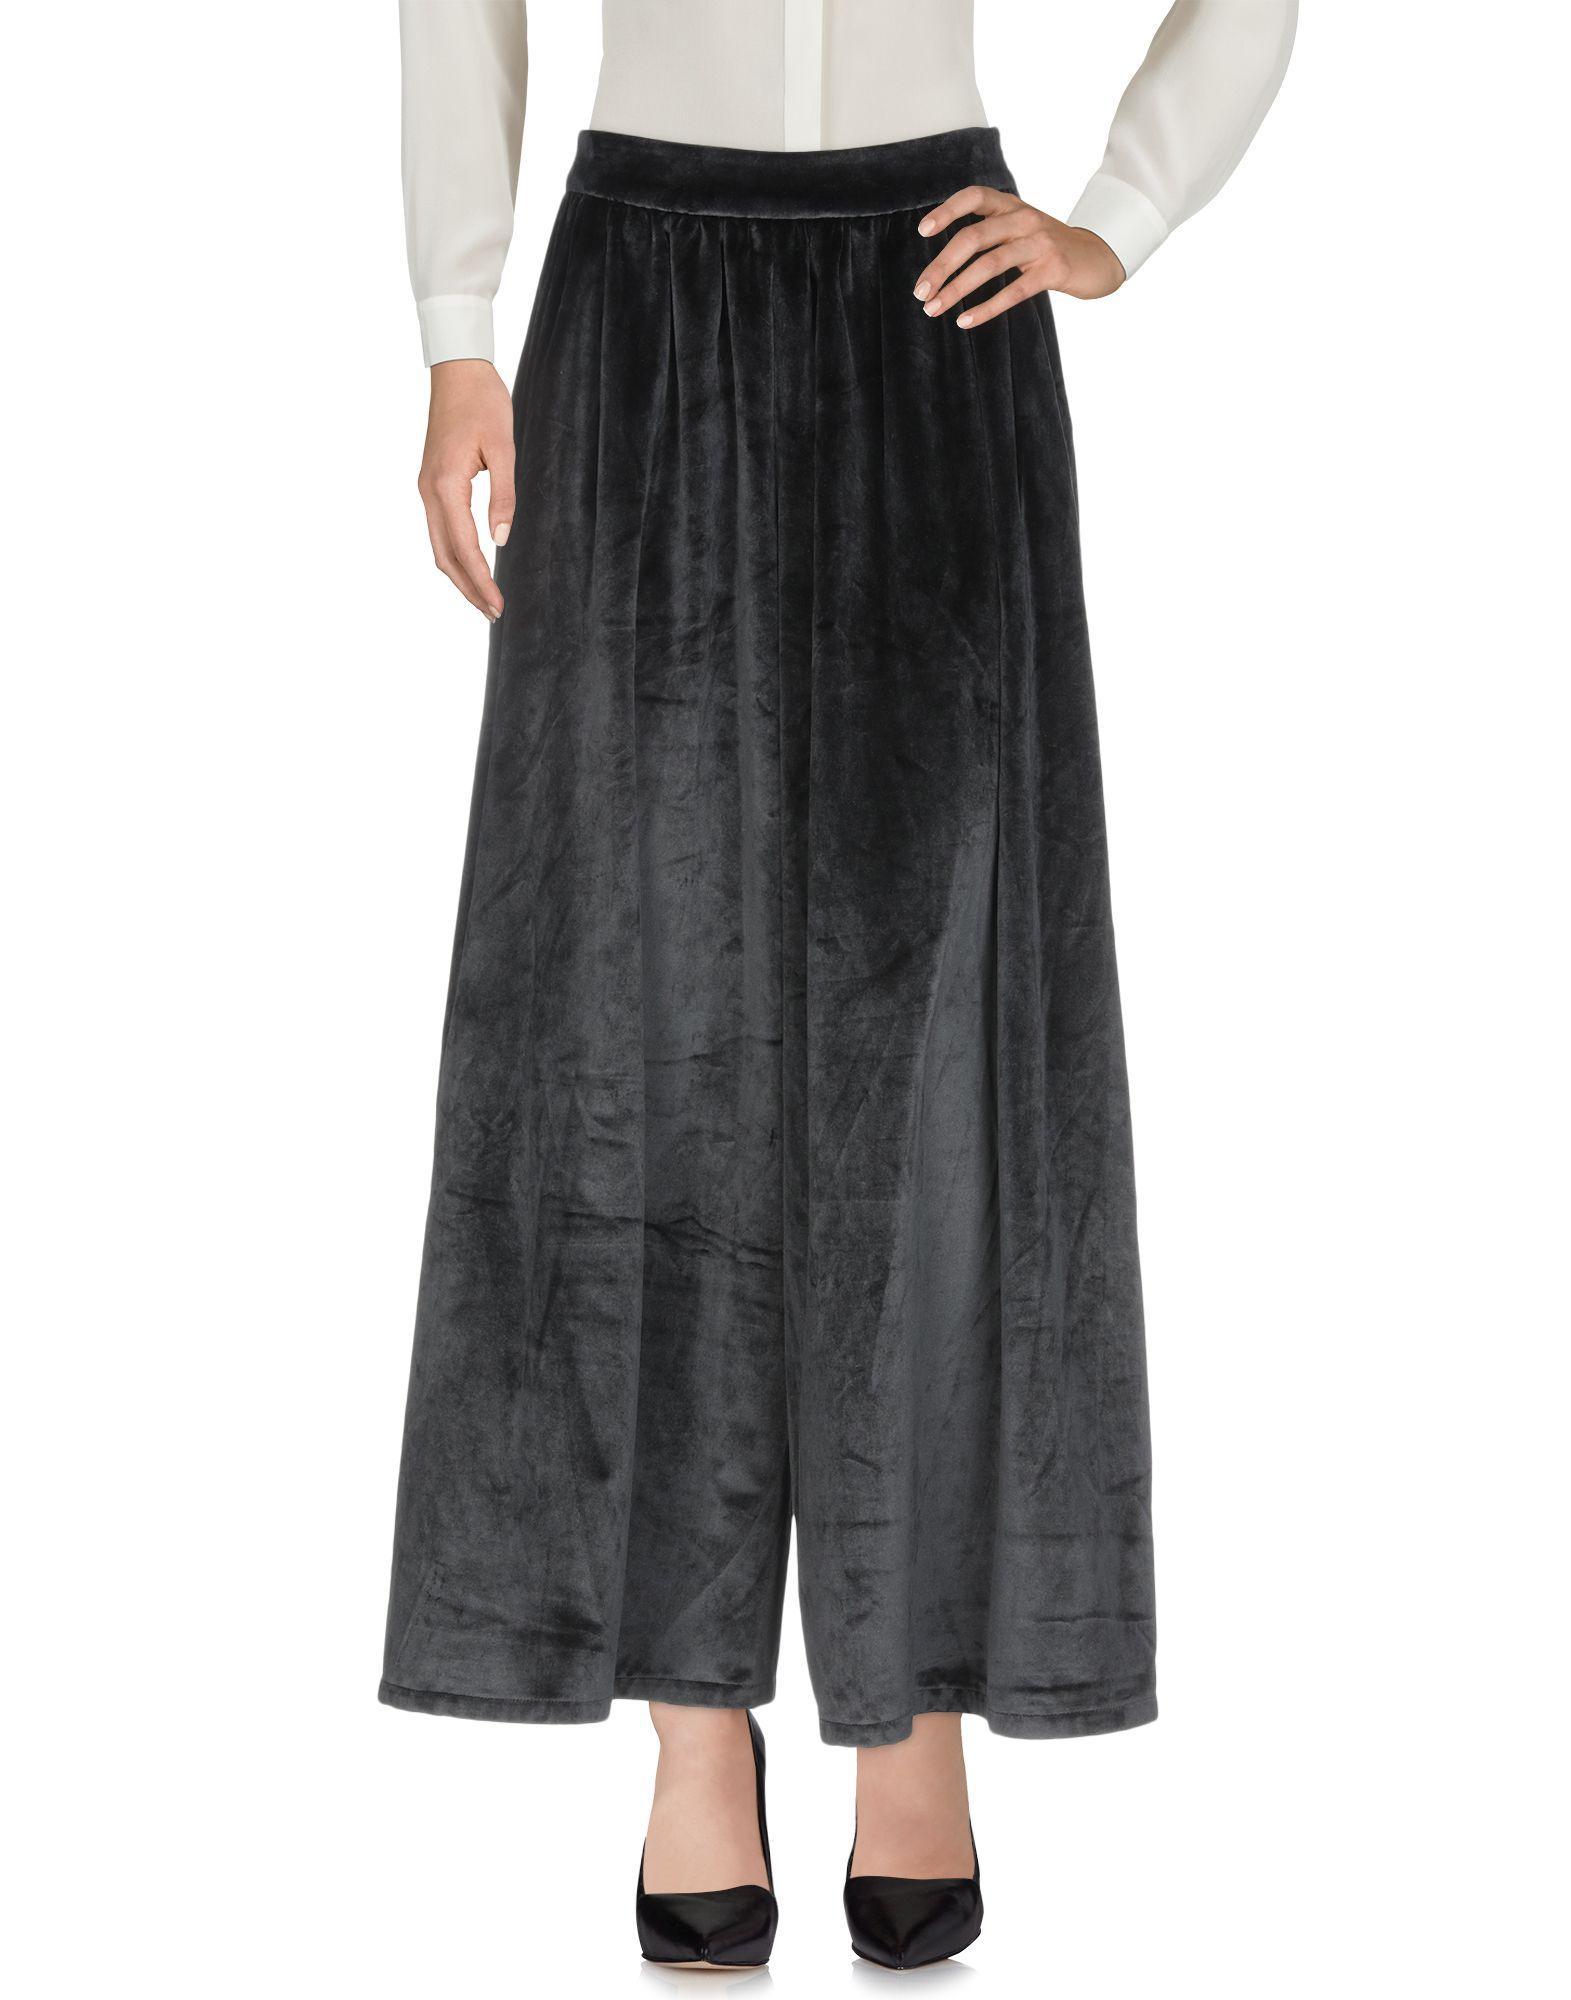 Pantalones NEUL de Terciopelo de color Negro